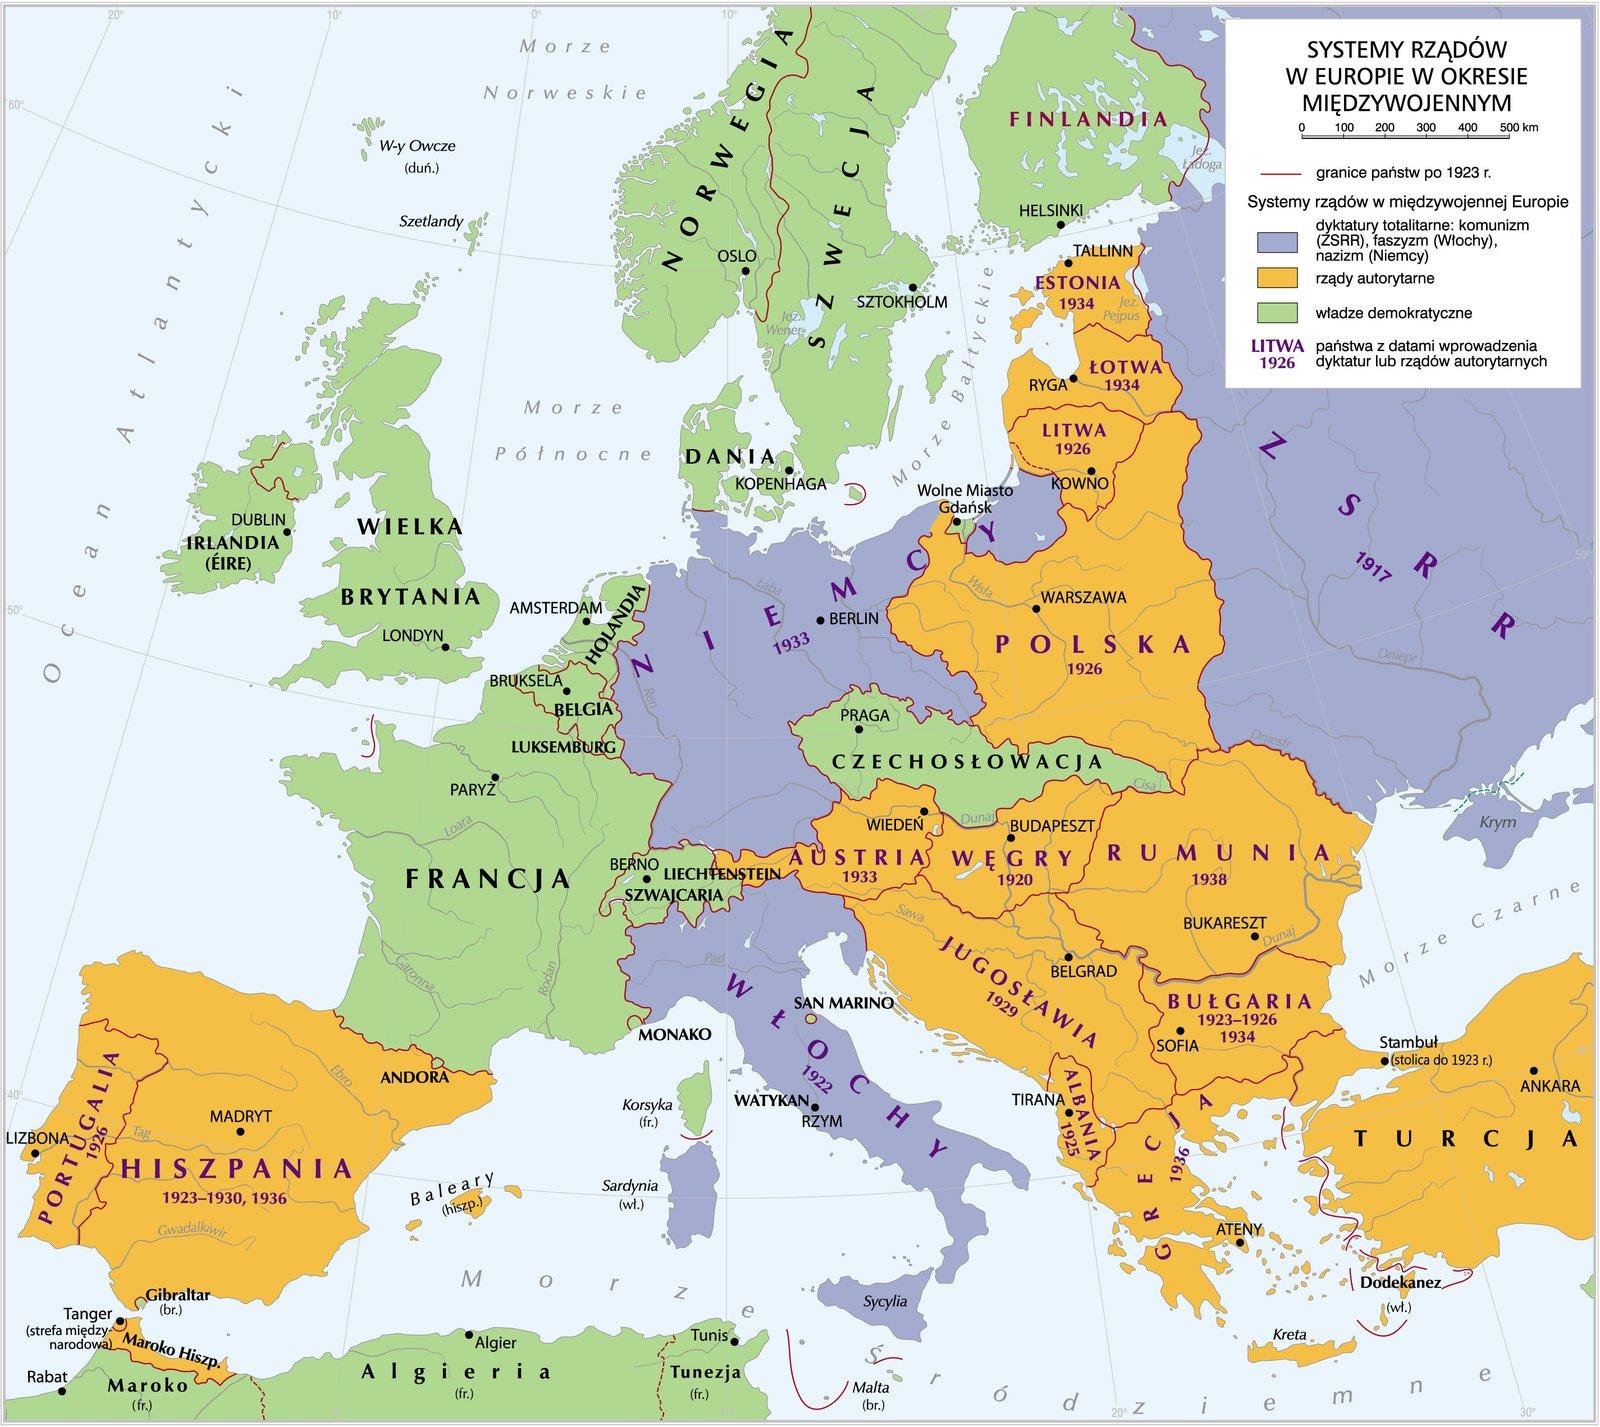 Systemy rządów wmiędzywojennej Europie Systemy rządów wmiędzywojennej Europie Źródło: Krystian Chariza izespół, licencja: CC BY 3.0.